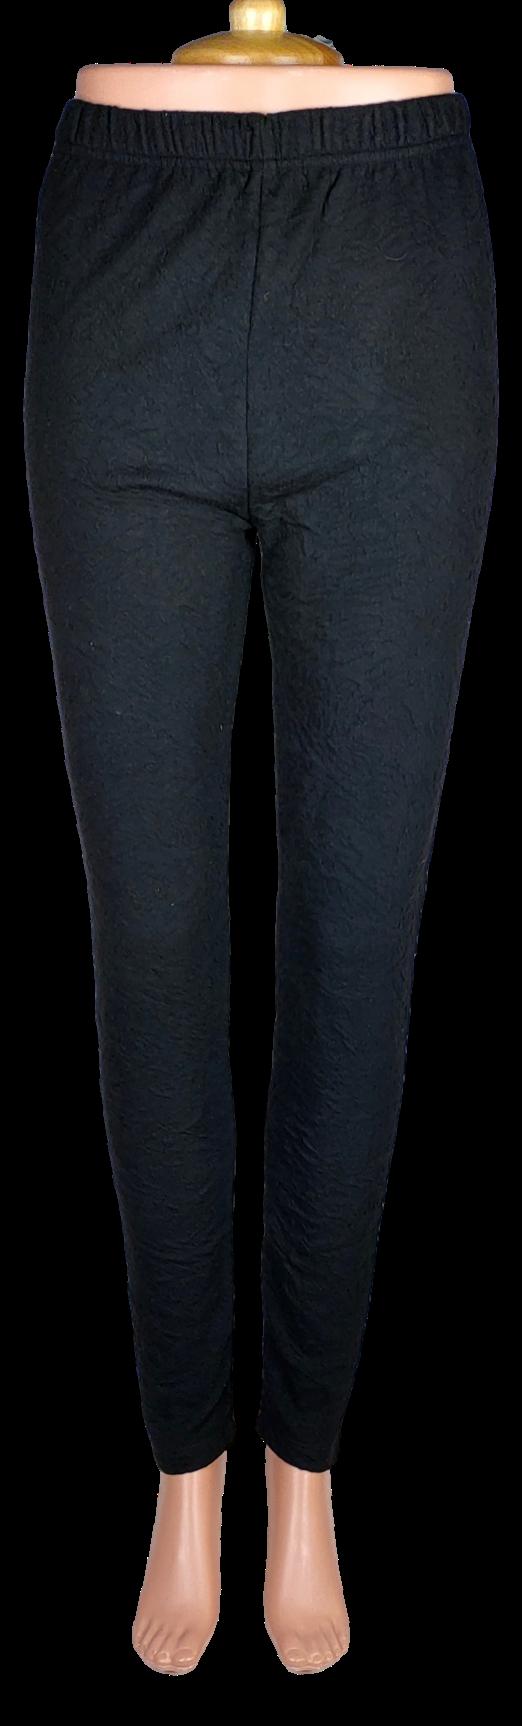 Pantalon Plurielles -Taille 38/40